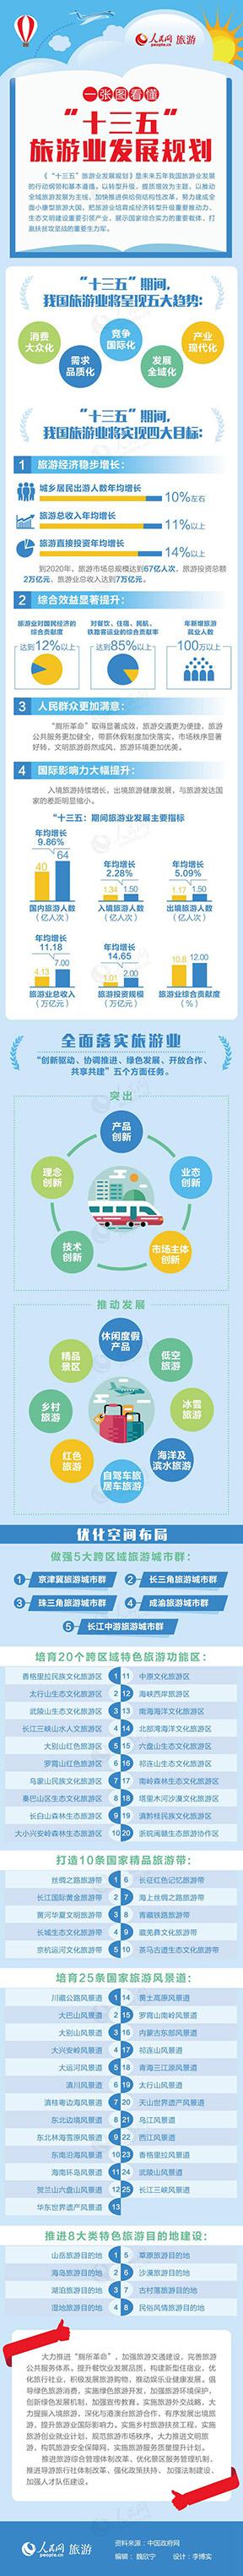 """第33期一张图看懂《""""十三五""""旅游业发展规划》26日,国务院正式印发《""""十三五""""旅游业发展规划》(以下简称《规划》),确定了""""十三五""""时期旅游业发展的总体思路、基本目标、主要任务和保障措施,是未来五年我国旅游业发展的行动纲领和基本遵循。"""